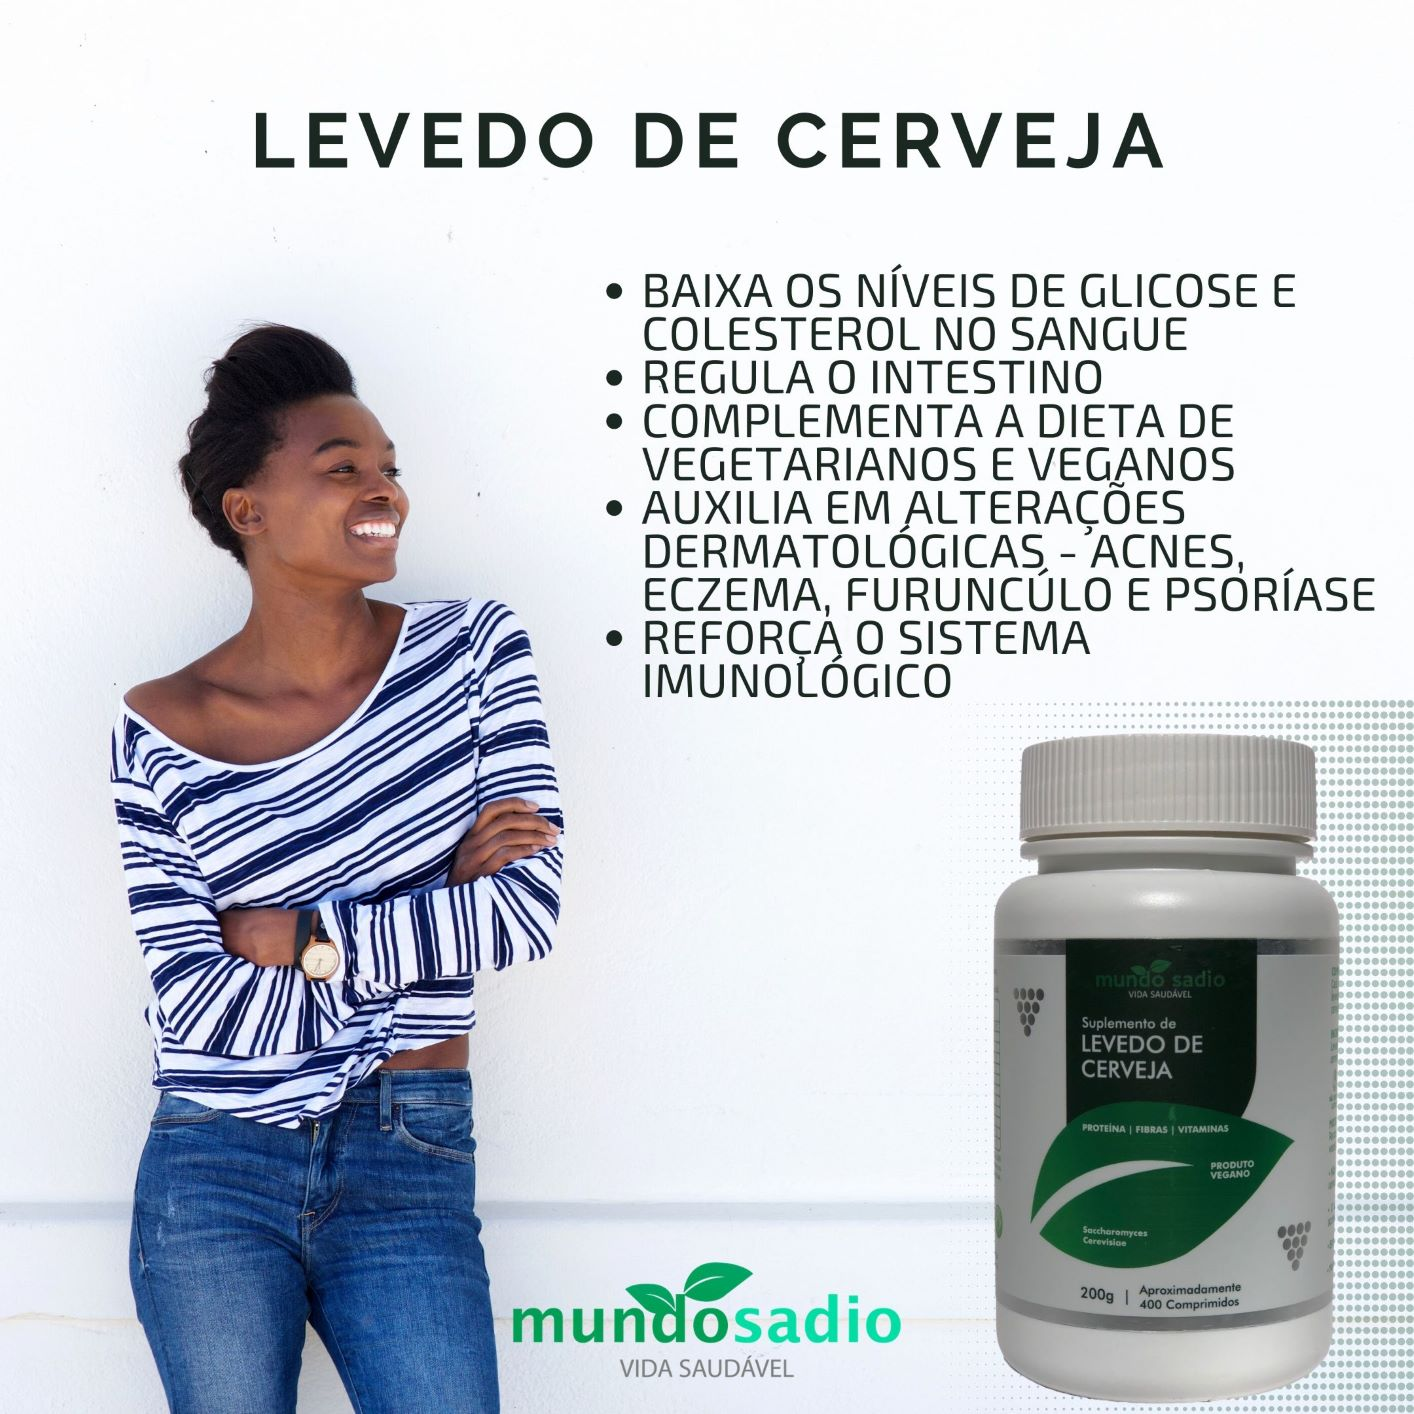 LEVEDO DE CERVEJA MUNDO SADIO 400 COMPRIMIDOS